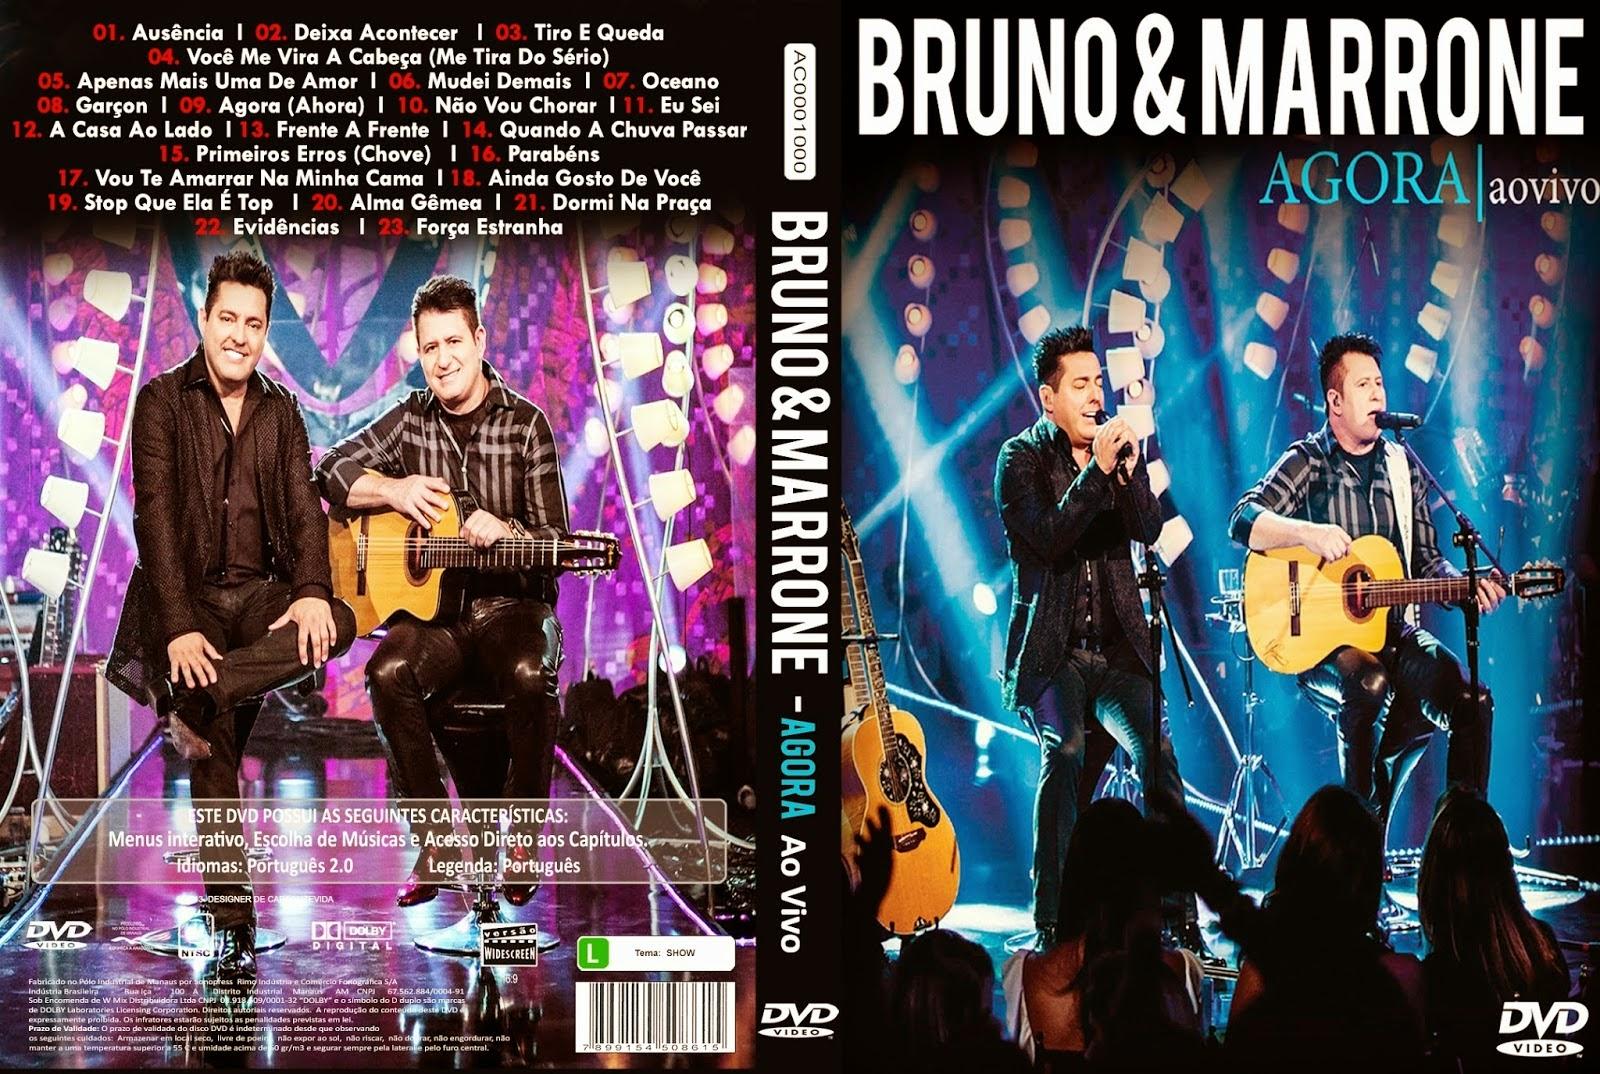 Download bruno & marrone agora ao vivo dvd-r.